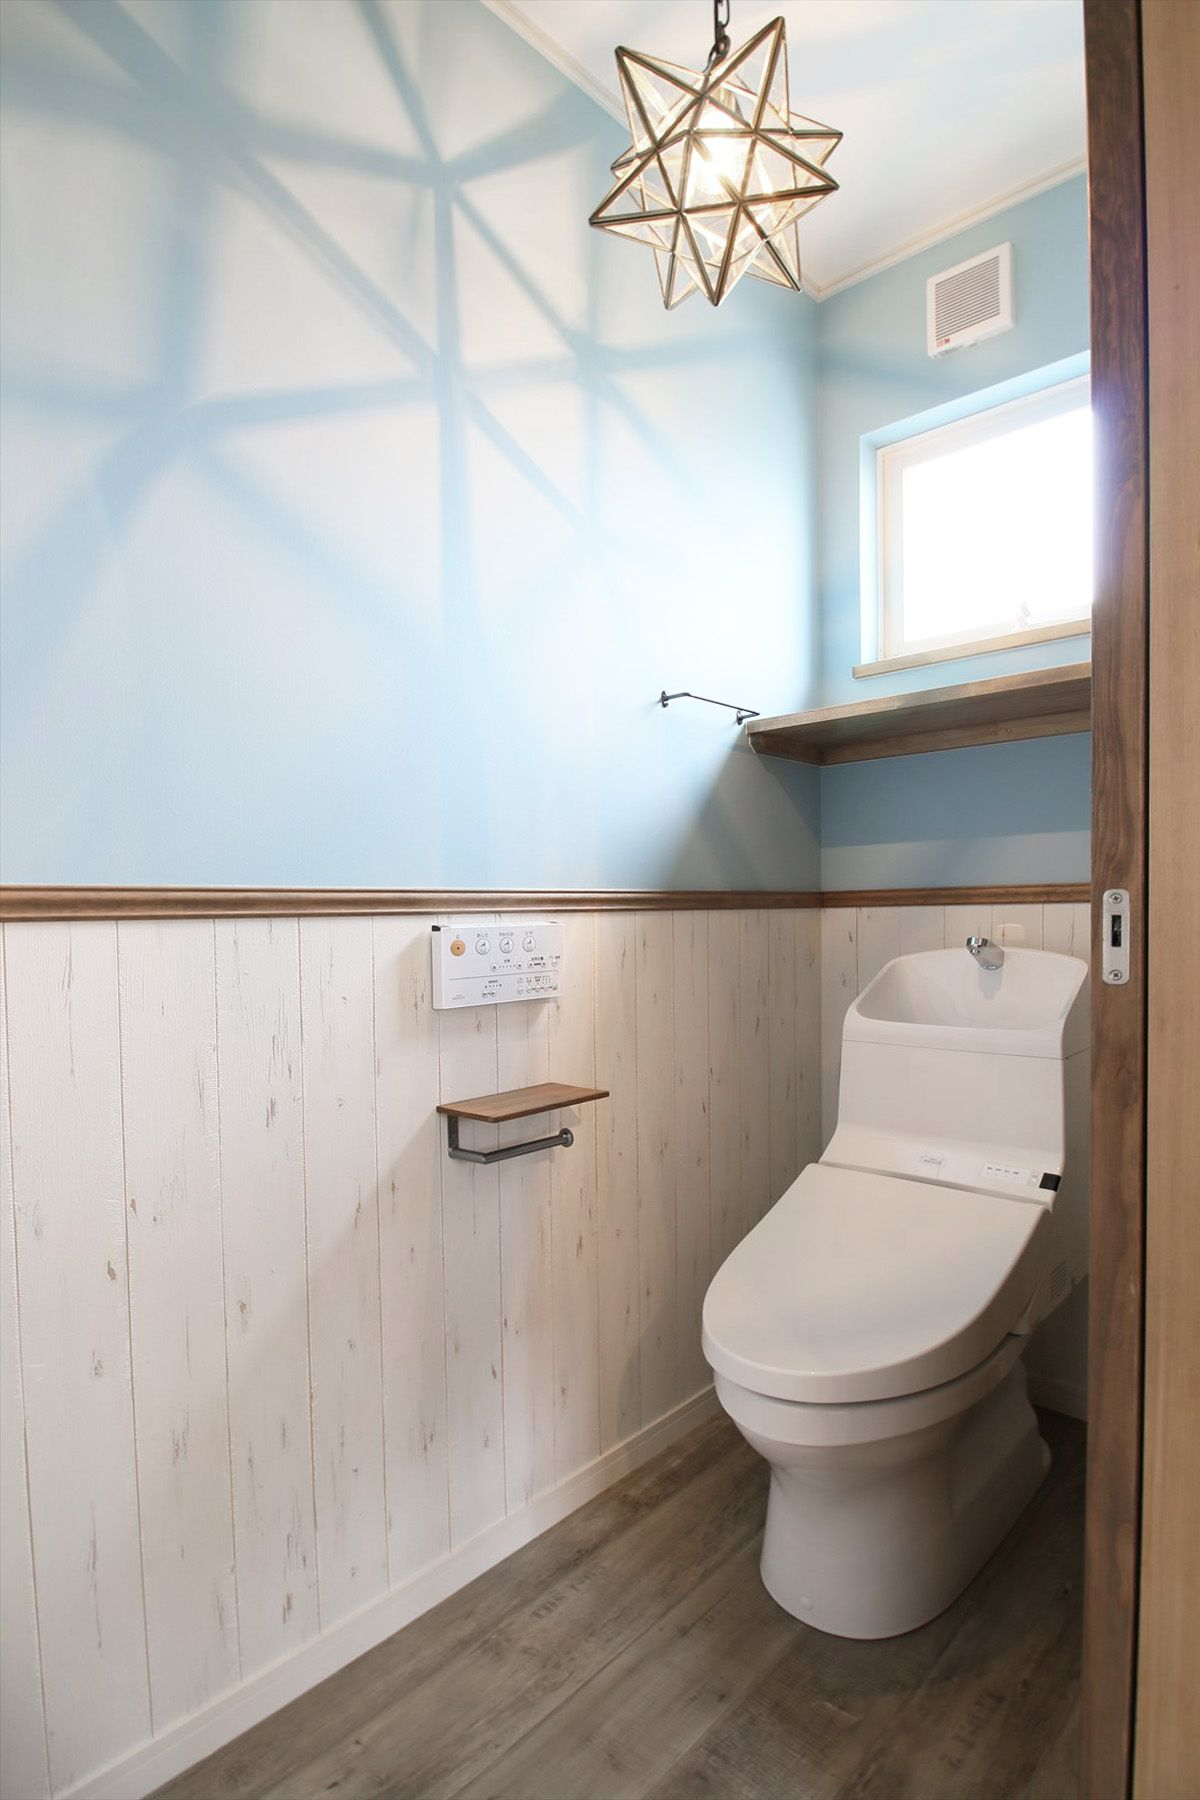 トイレ/サニタリー/注文住宅/インテリア/ジャストの家/toilet/restroom/natural/design/interior/house/homedecor